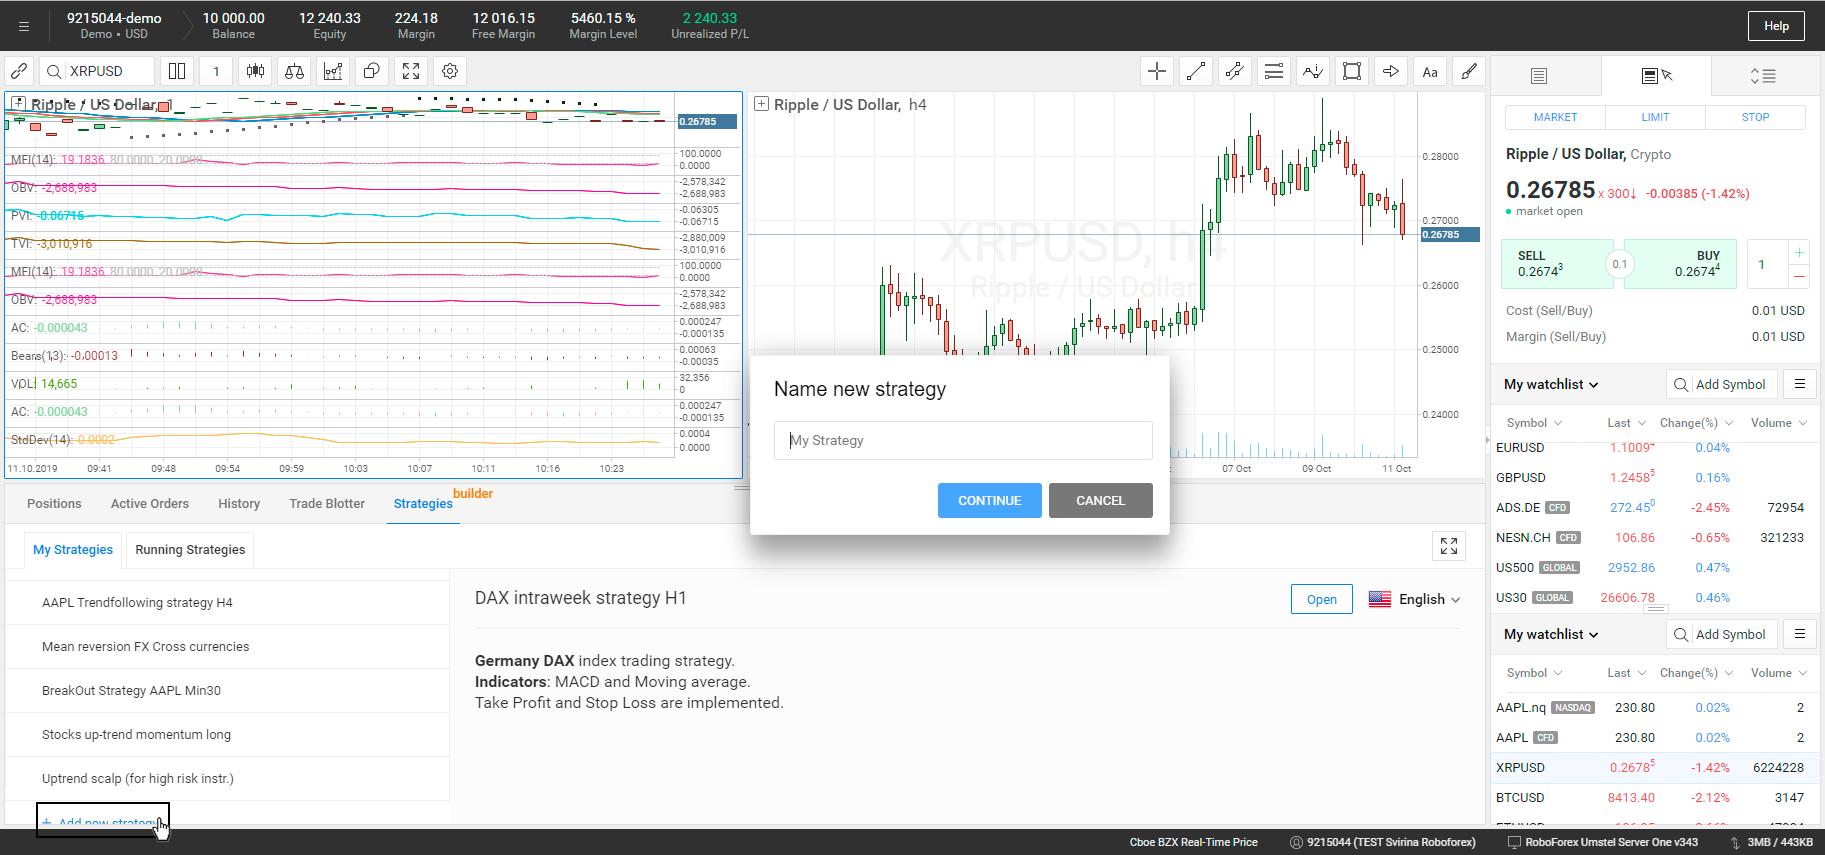 A Legjobb Online Részvénykereskedő Bróker | Kereskedés részvényekkel - RoboMarkets